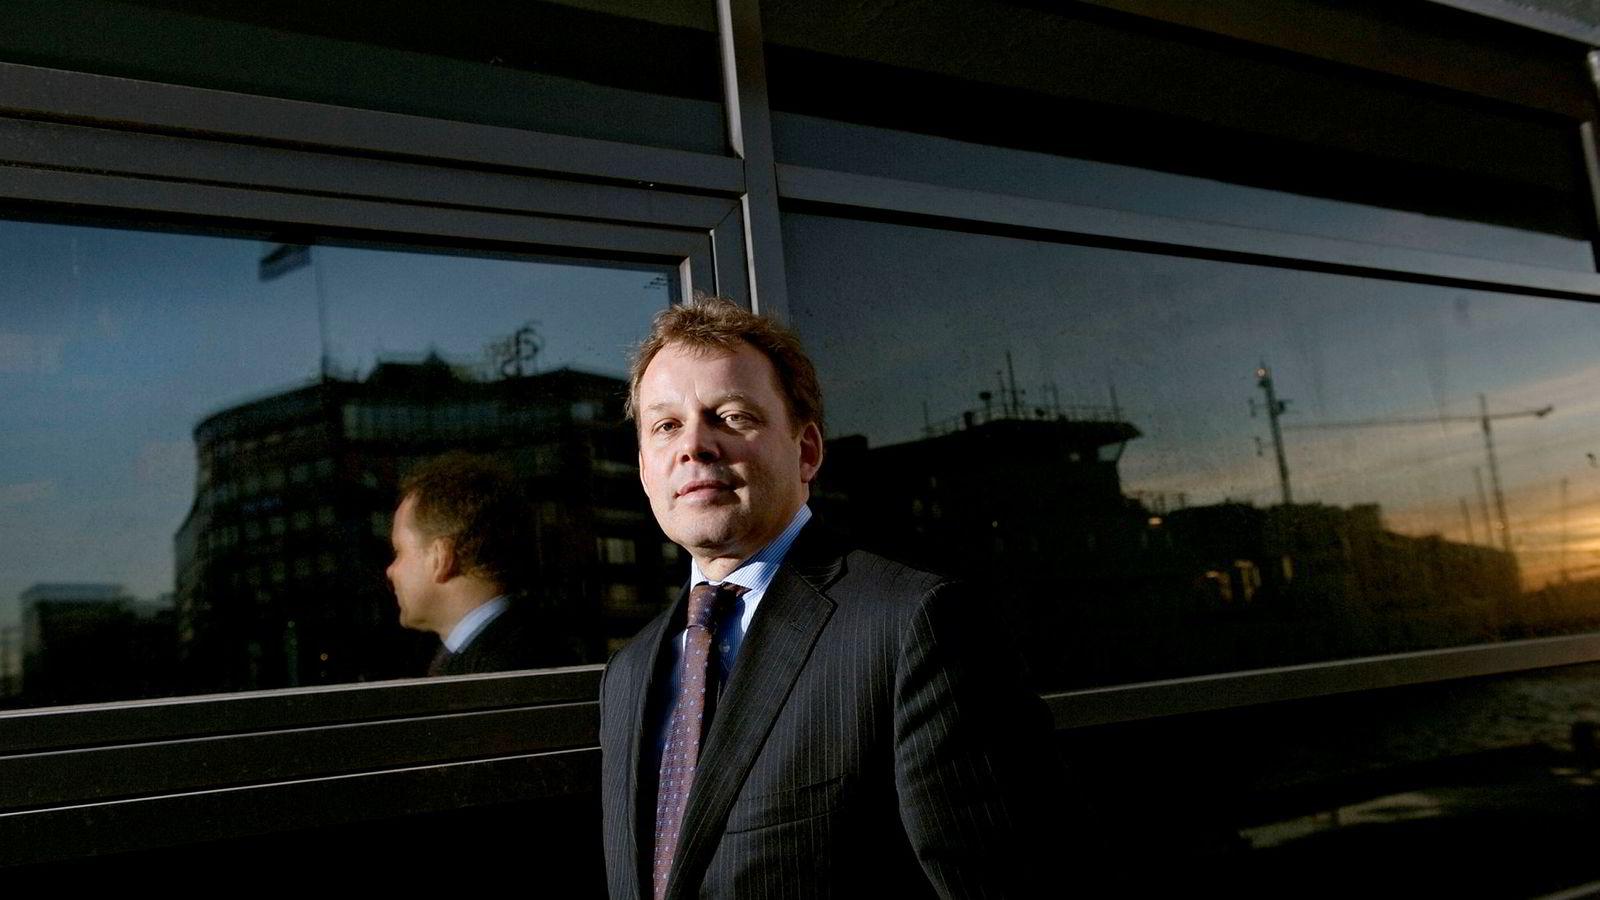 Pål Bergskaug mener en sterk avslutning på et dårlig år gir håp for fremtiden for Skagenfondene. Bildet er tatt ved en tidligere anledning. Bildet er tatt i 2008.